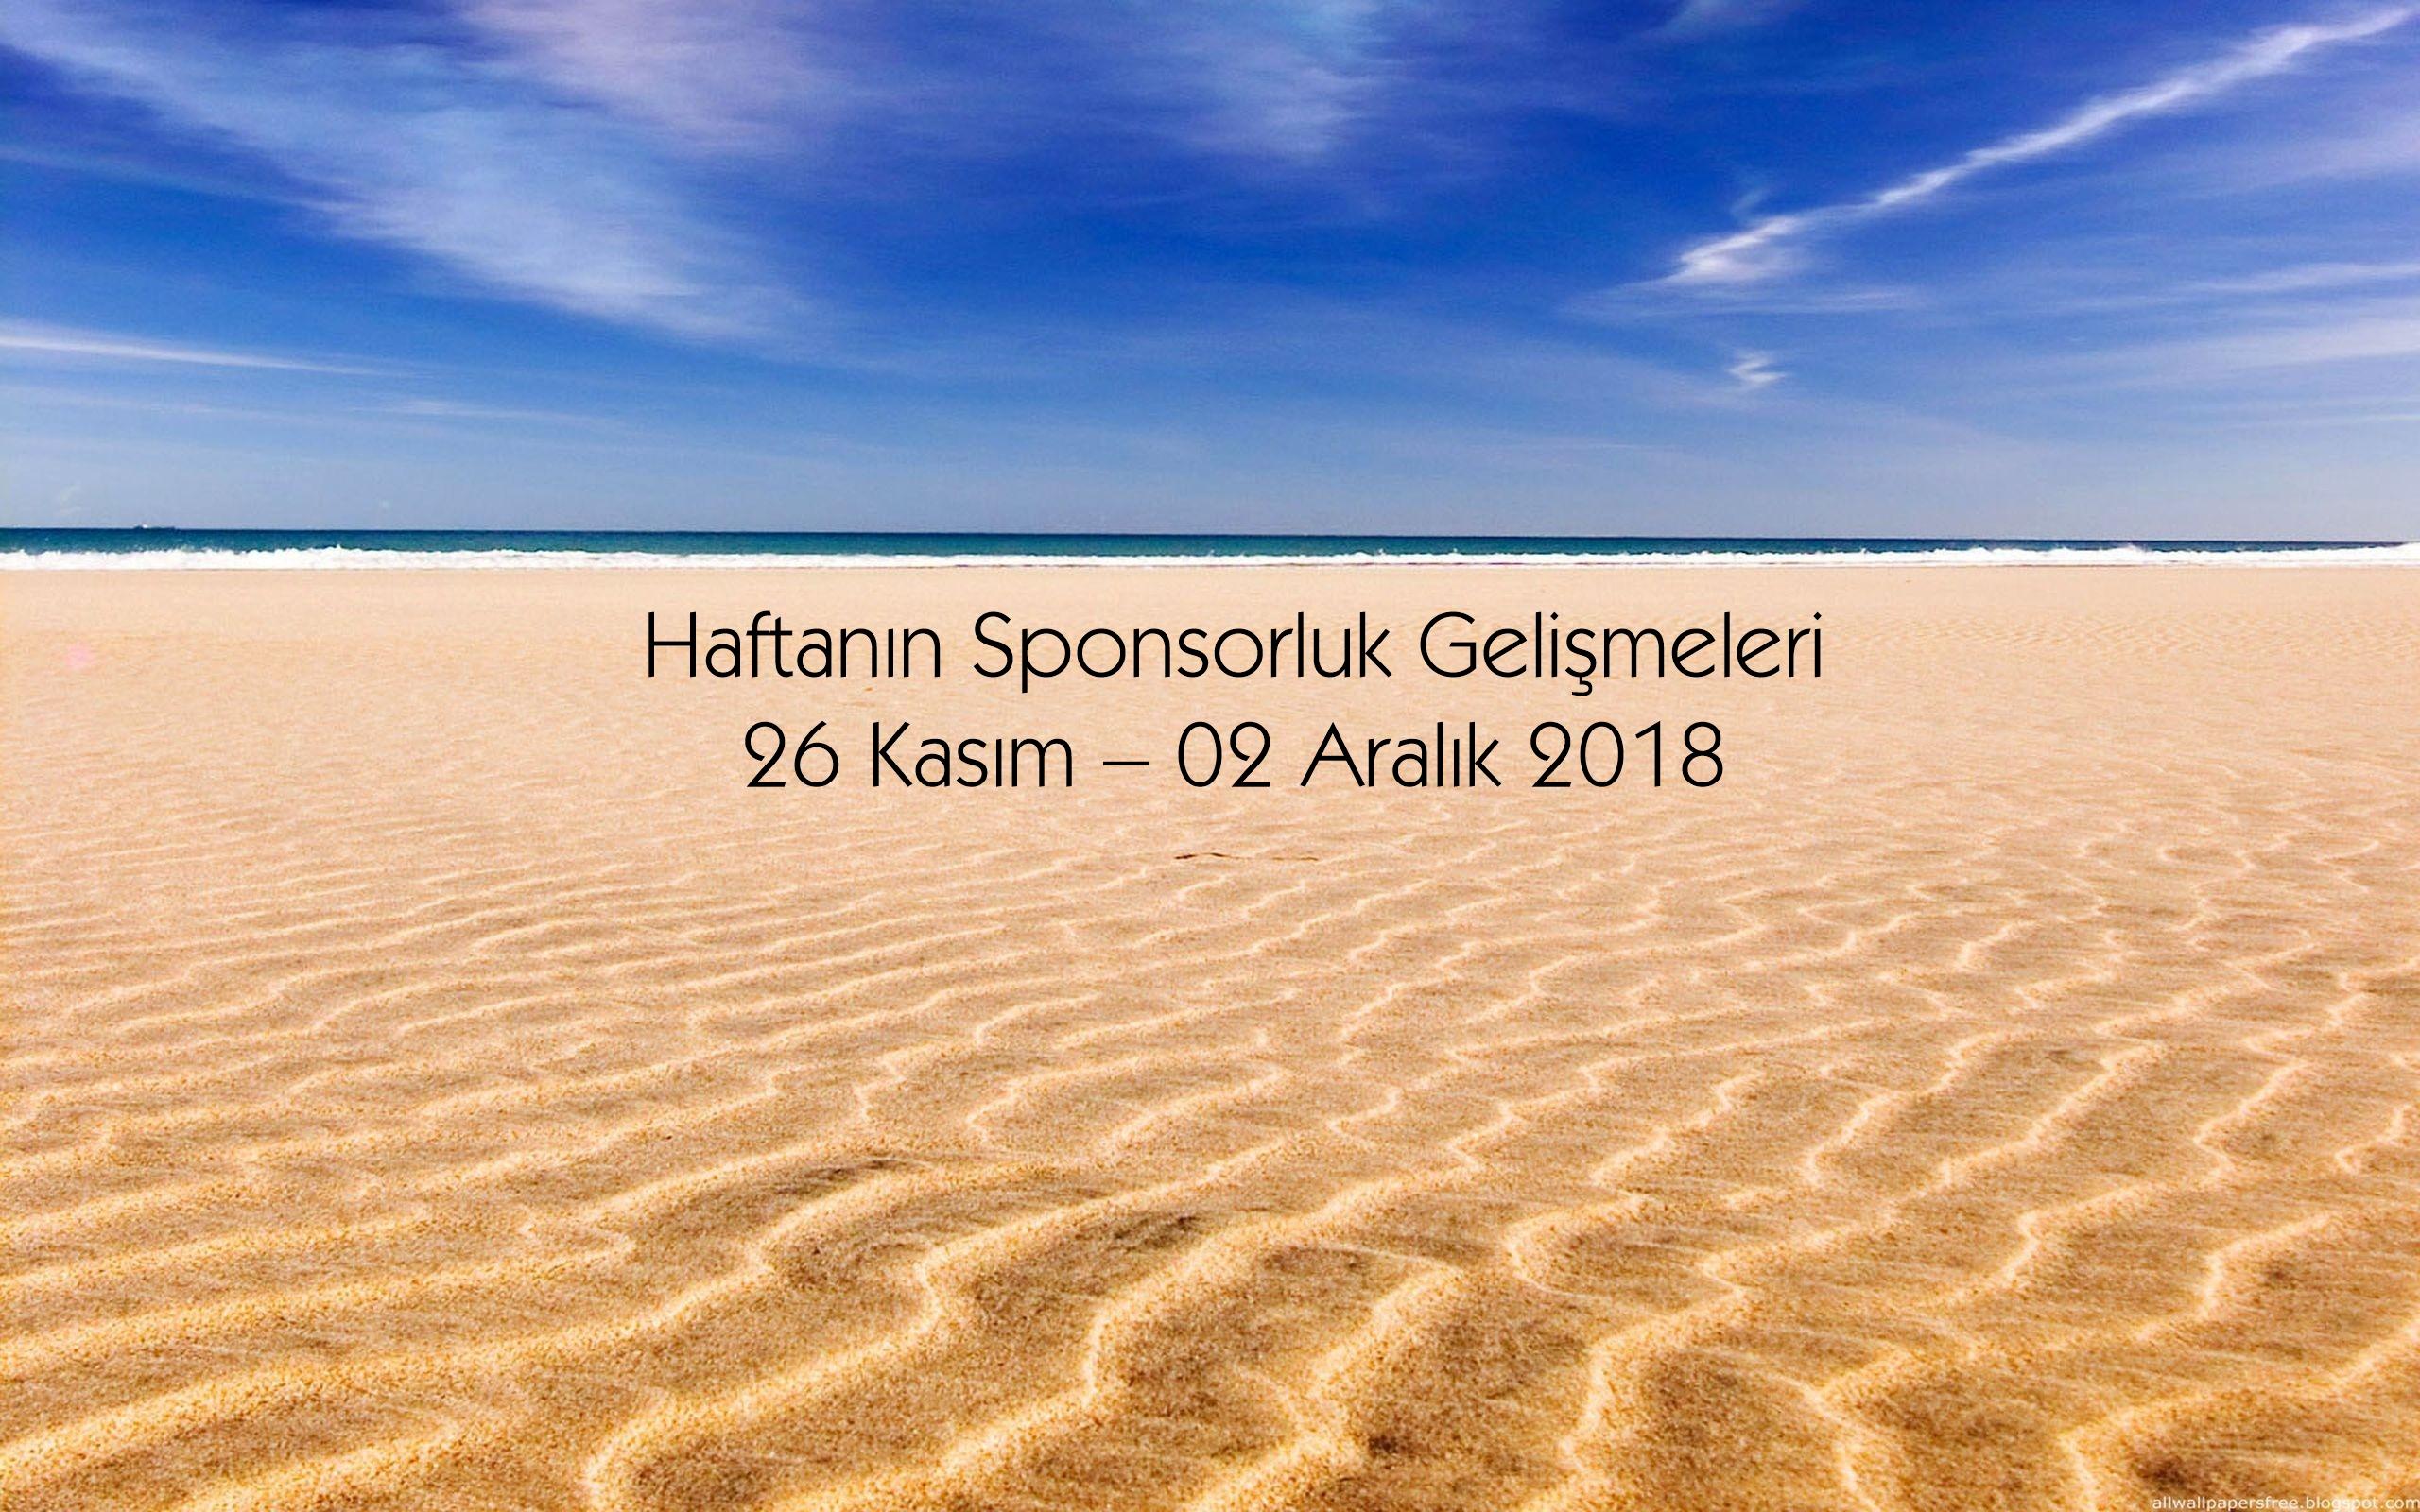 Haftanın Sponsorluk Gelişmeleri: 26 Kasım – 02 Aralık 2018